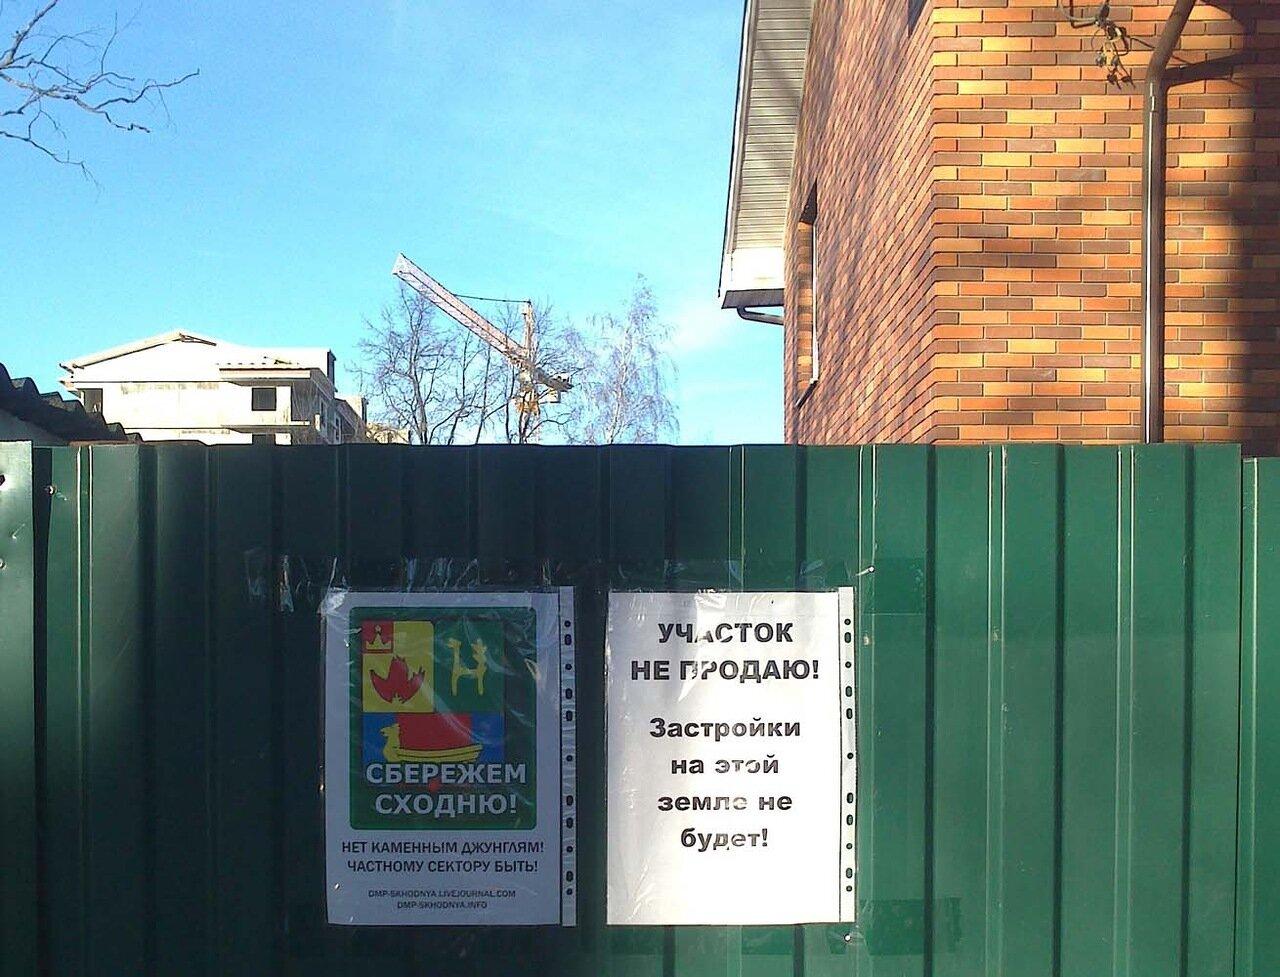 prostitutki-mkr-shodnya